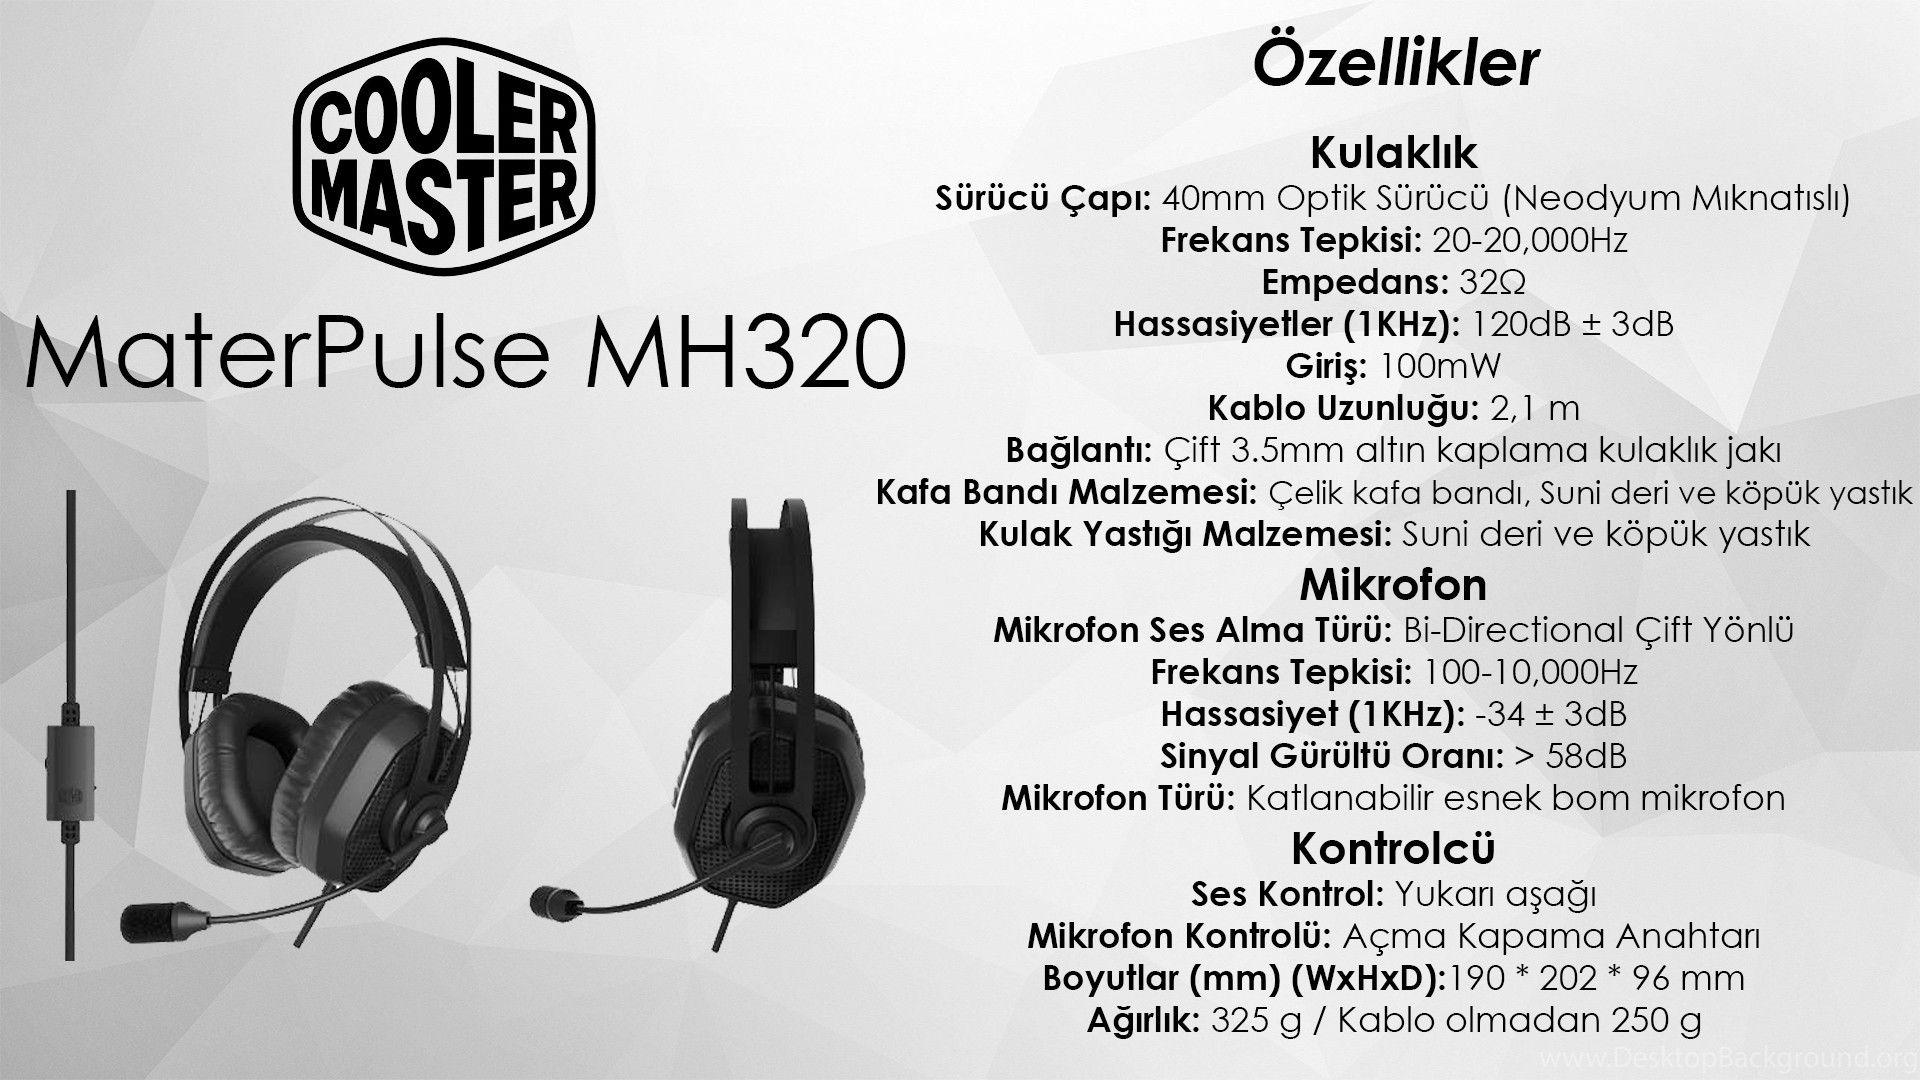 CM MasterPulse MH320 Özellikler2.jpg